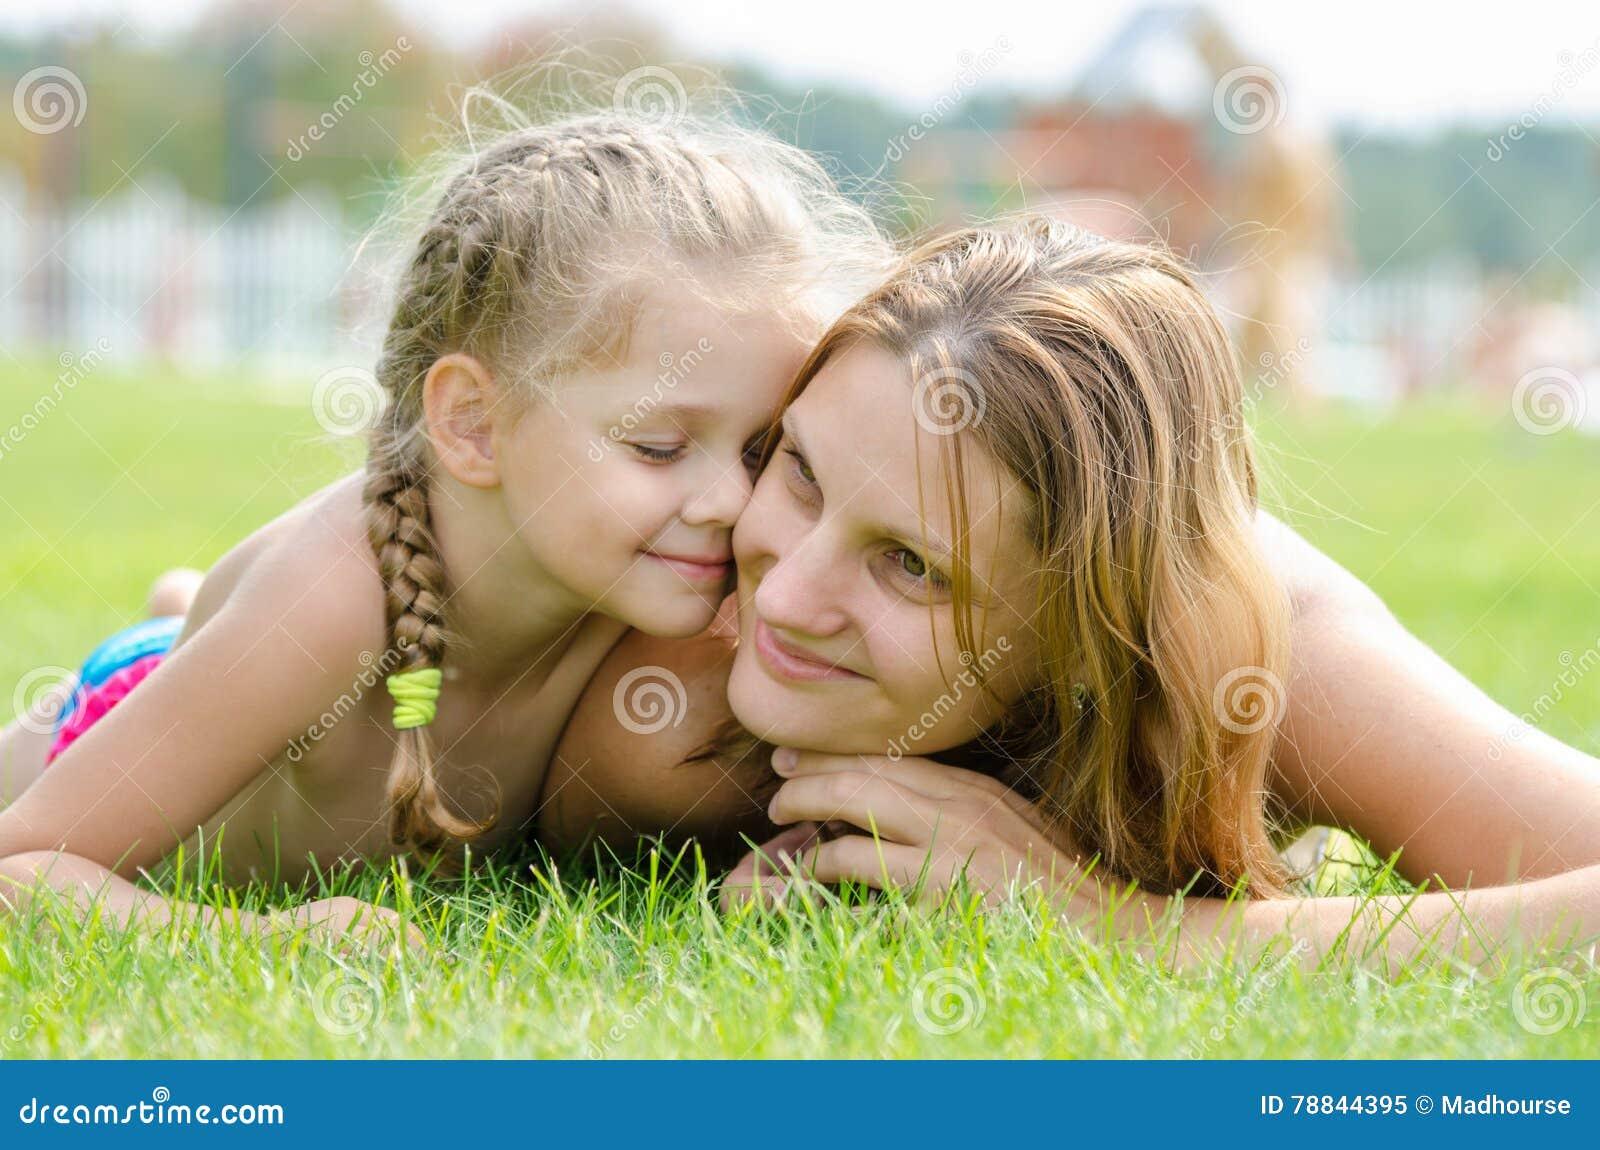 La fille mignonne de cinq ans a pressé son visage au mother& x27 ; visage de s sur une pelouse d herbe verte